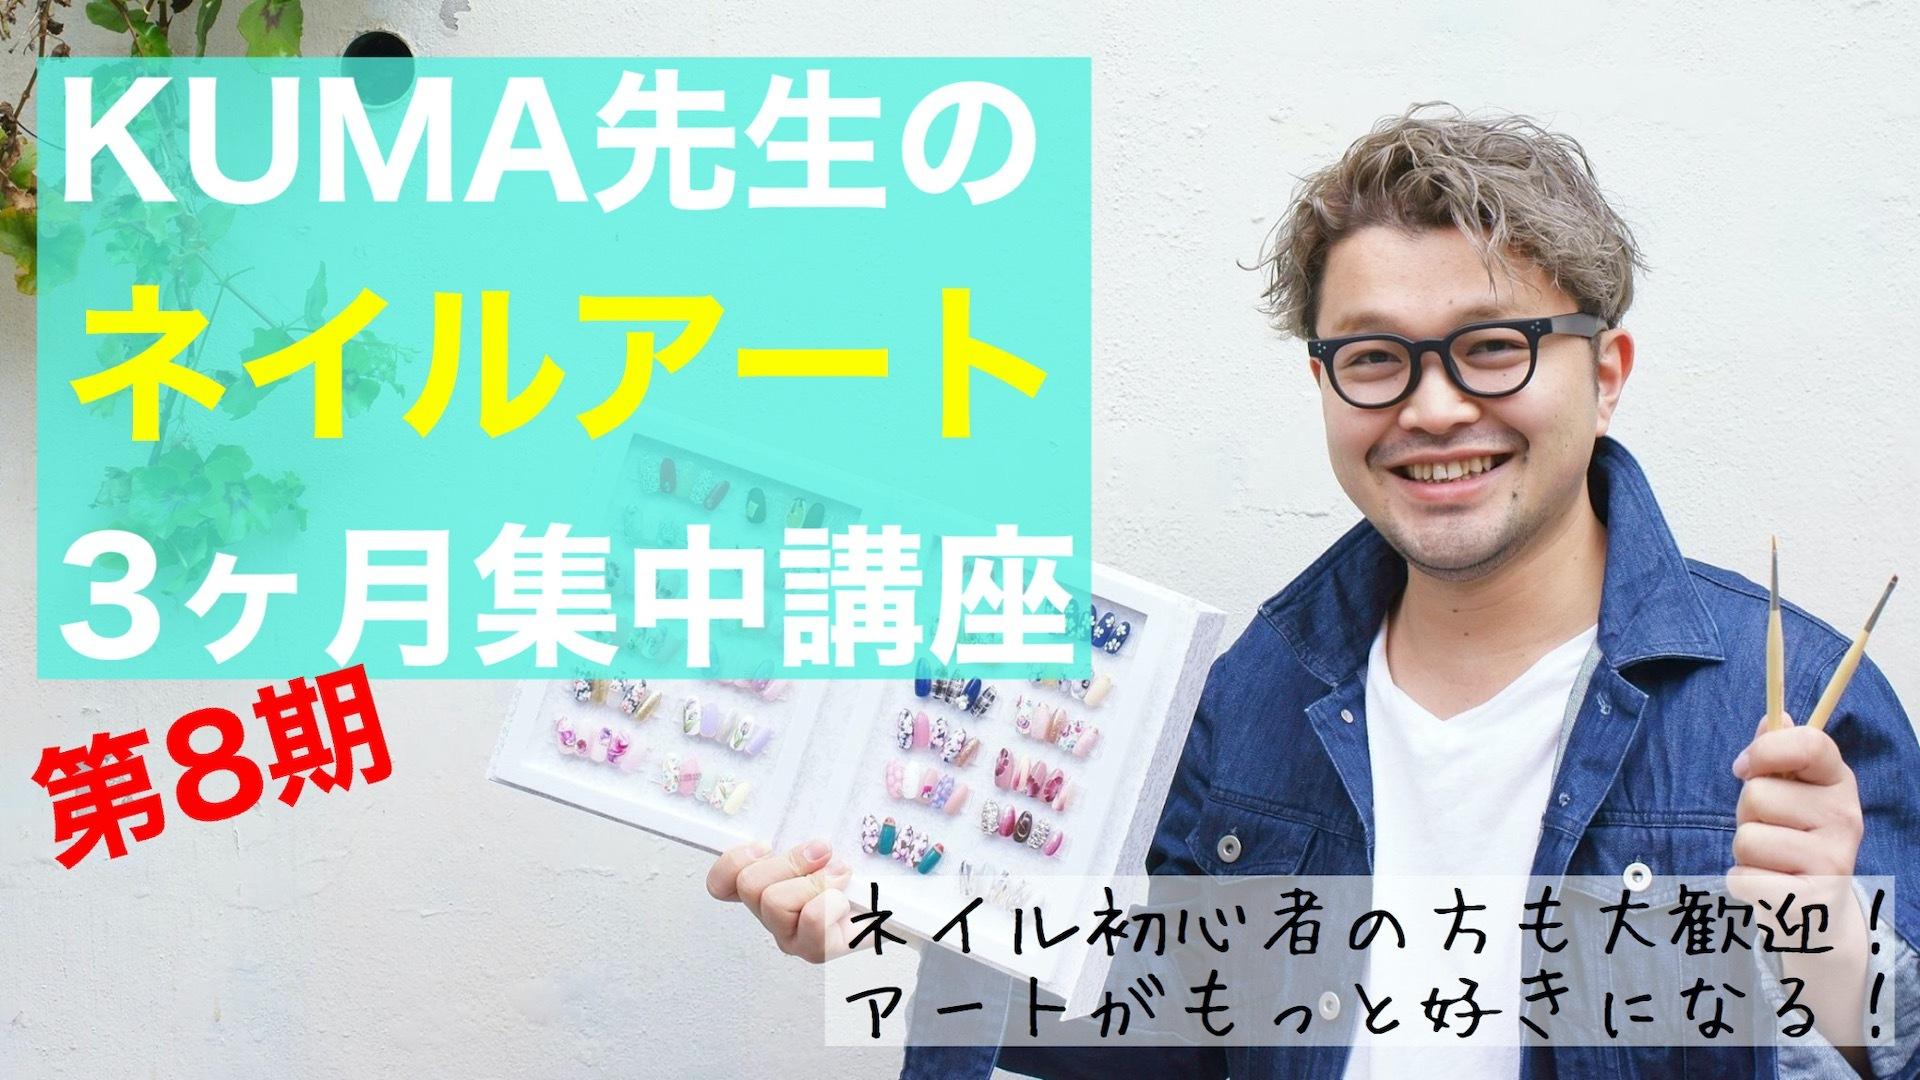 【第8期】KUMA先生のネイルアート3ヶ月集中講座